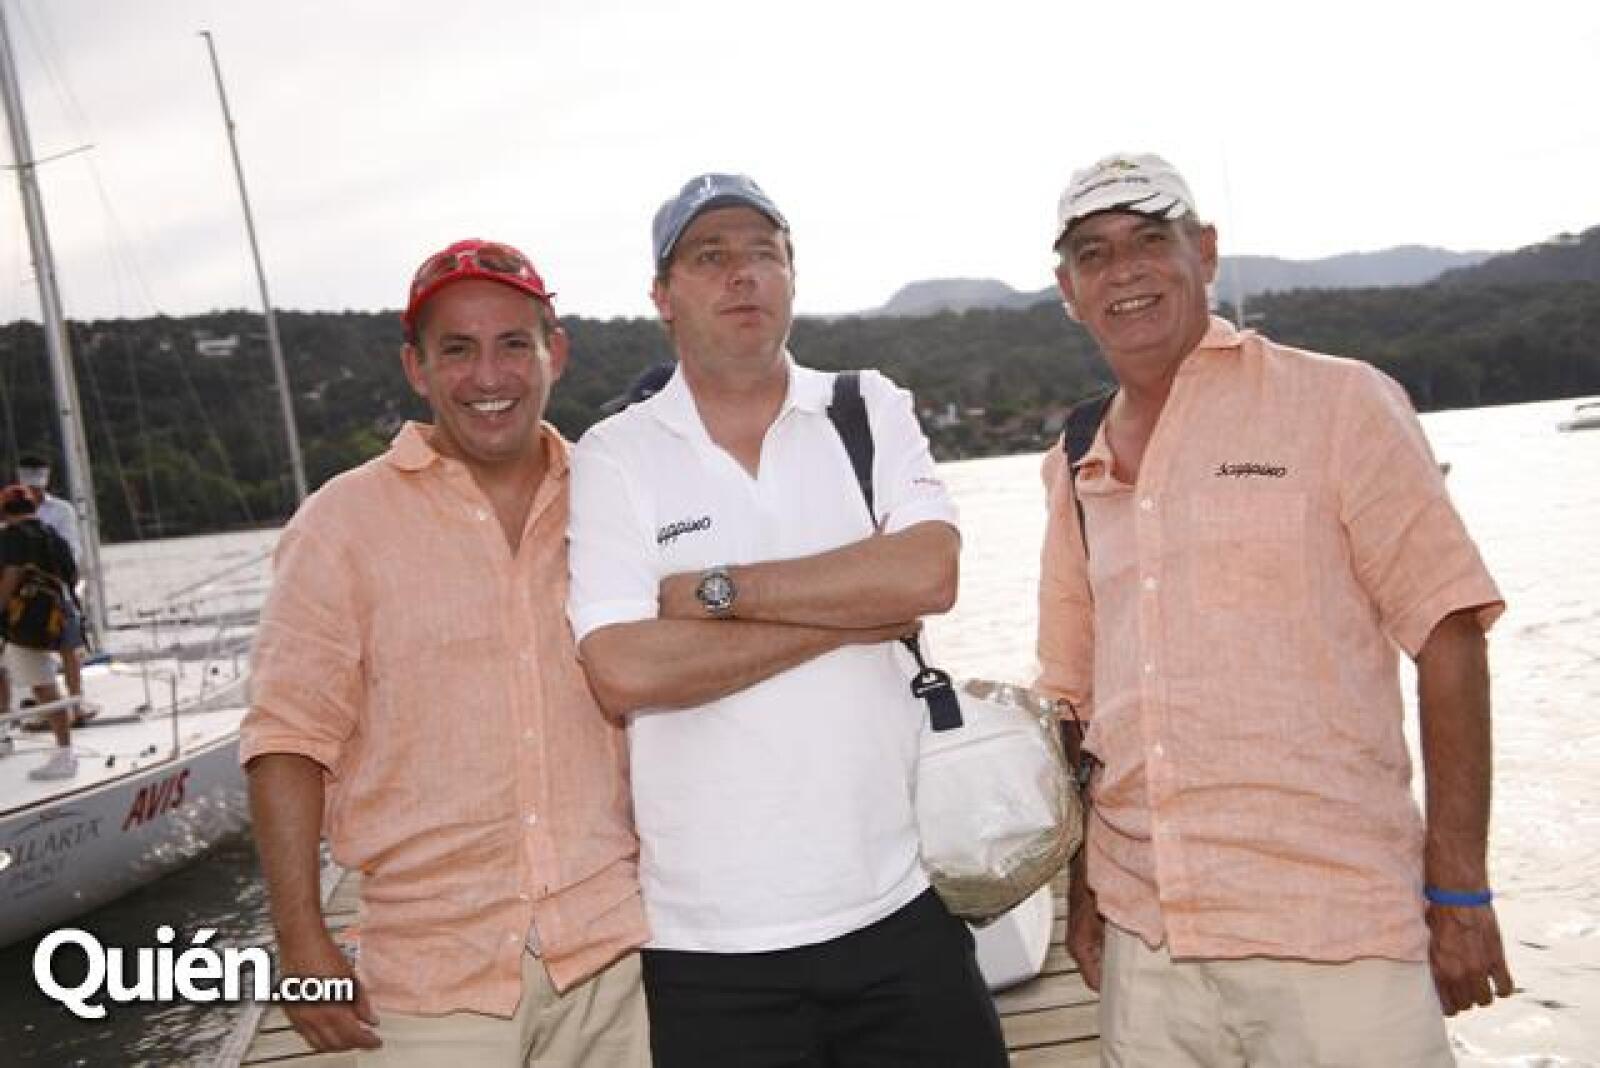 Miguel Bargallo,Carlos Pereda,Andres García